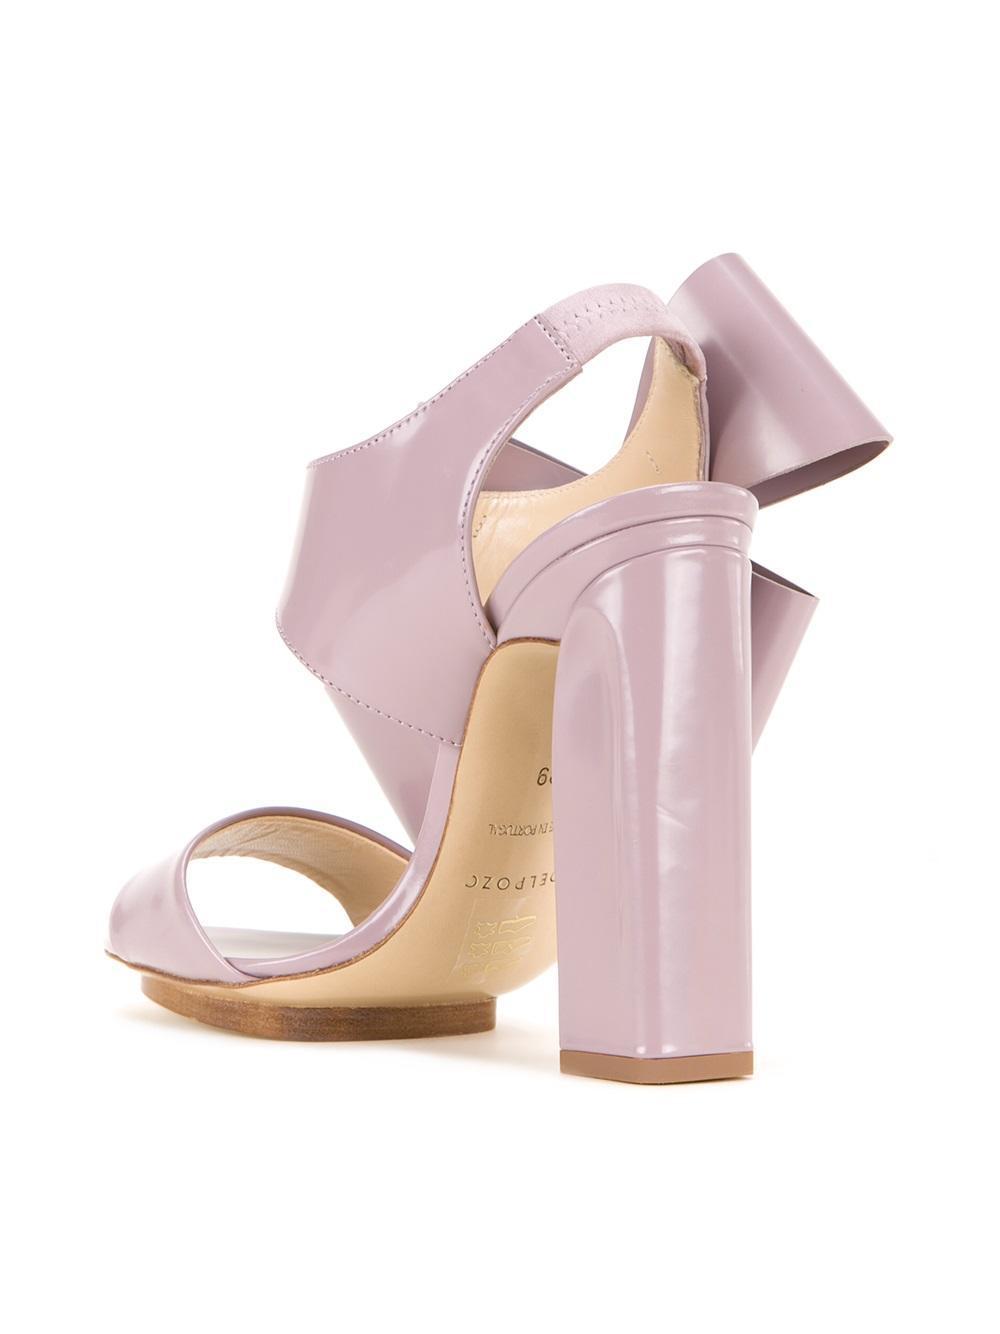 Delpozo Sandales Arc Surdimensionné - Rose Et Violet KNLJW3Zd